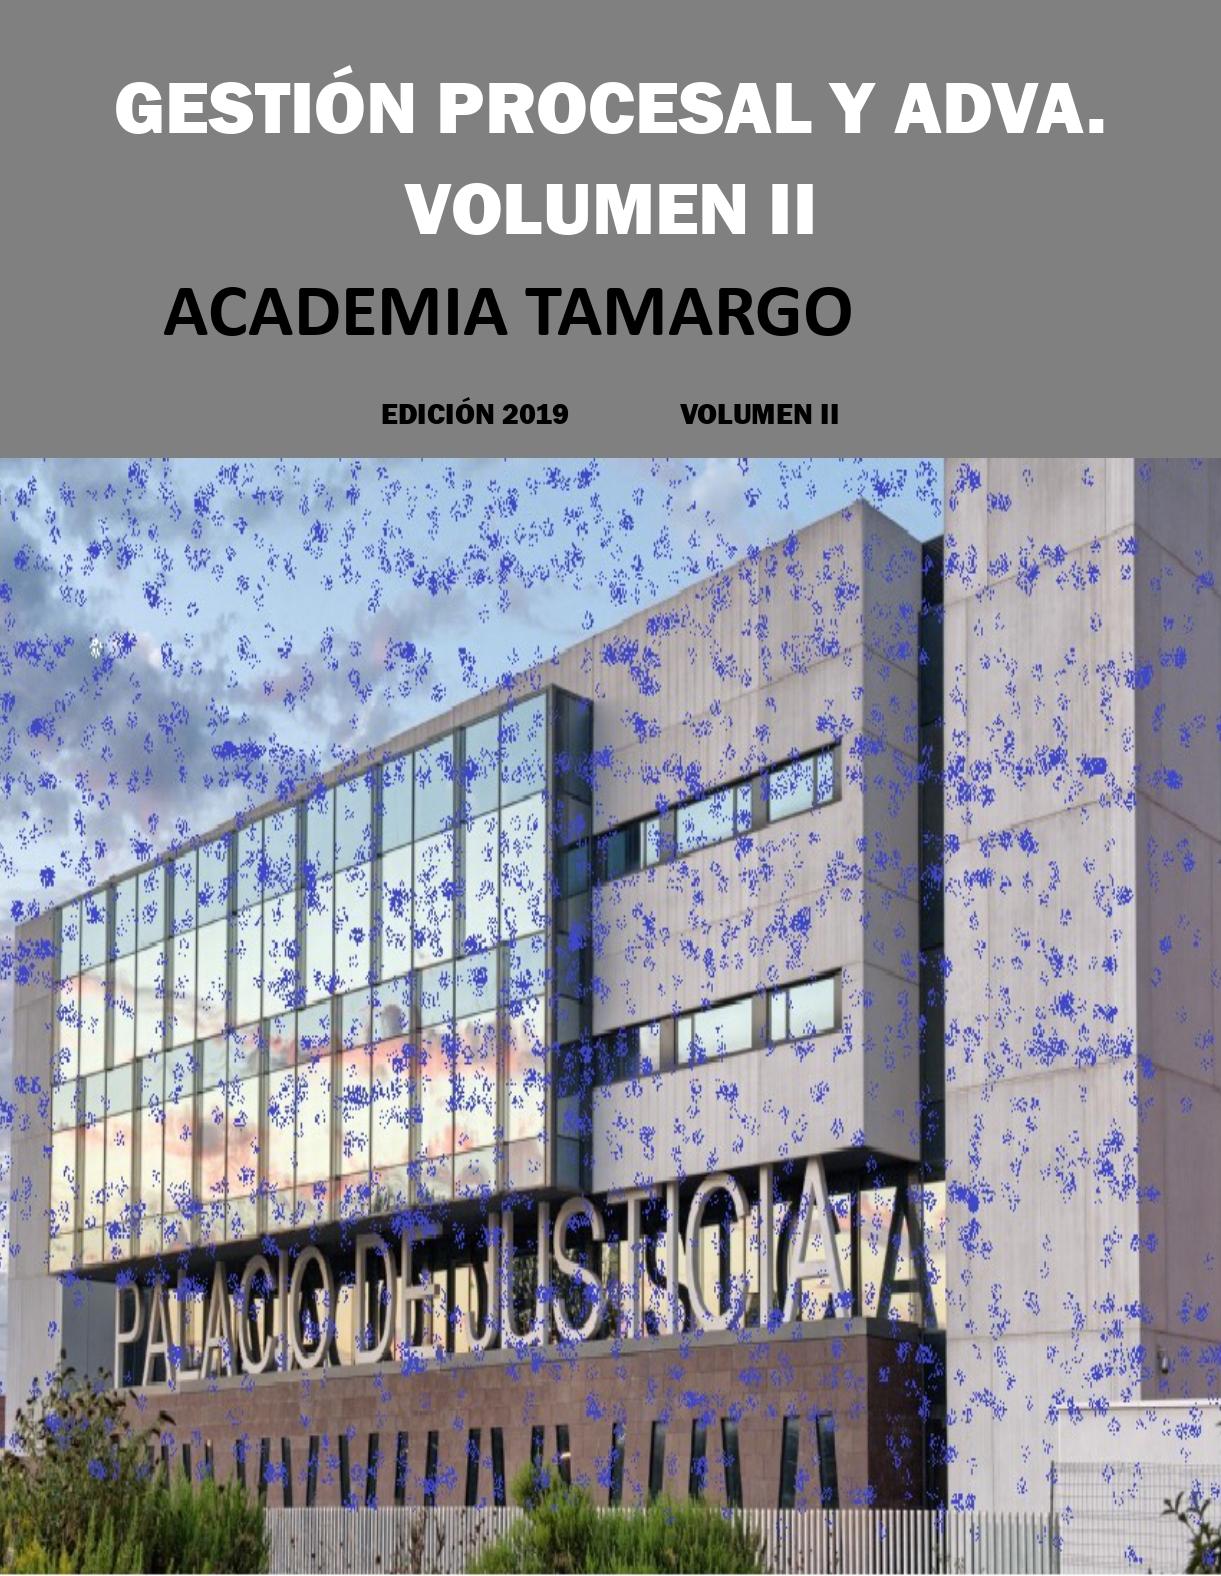 PORTADA CONTRPORTADA Y LOMO gestión procesal volumen II_page-0001 (1)